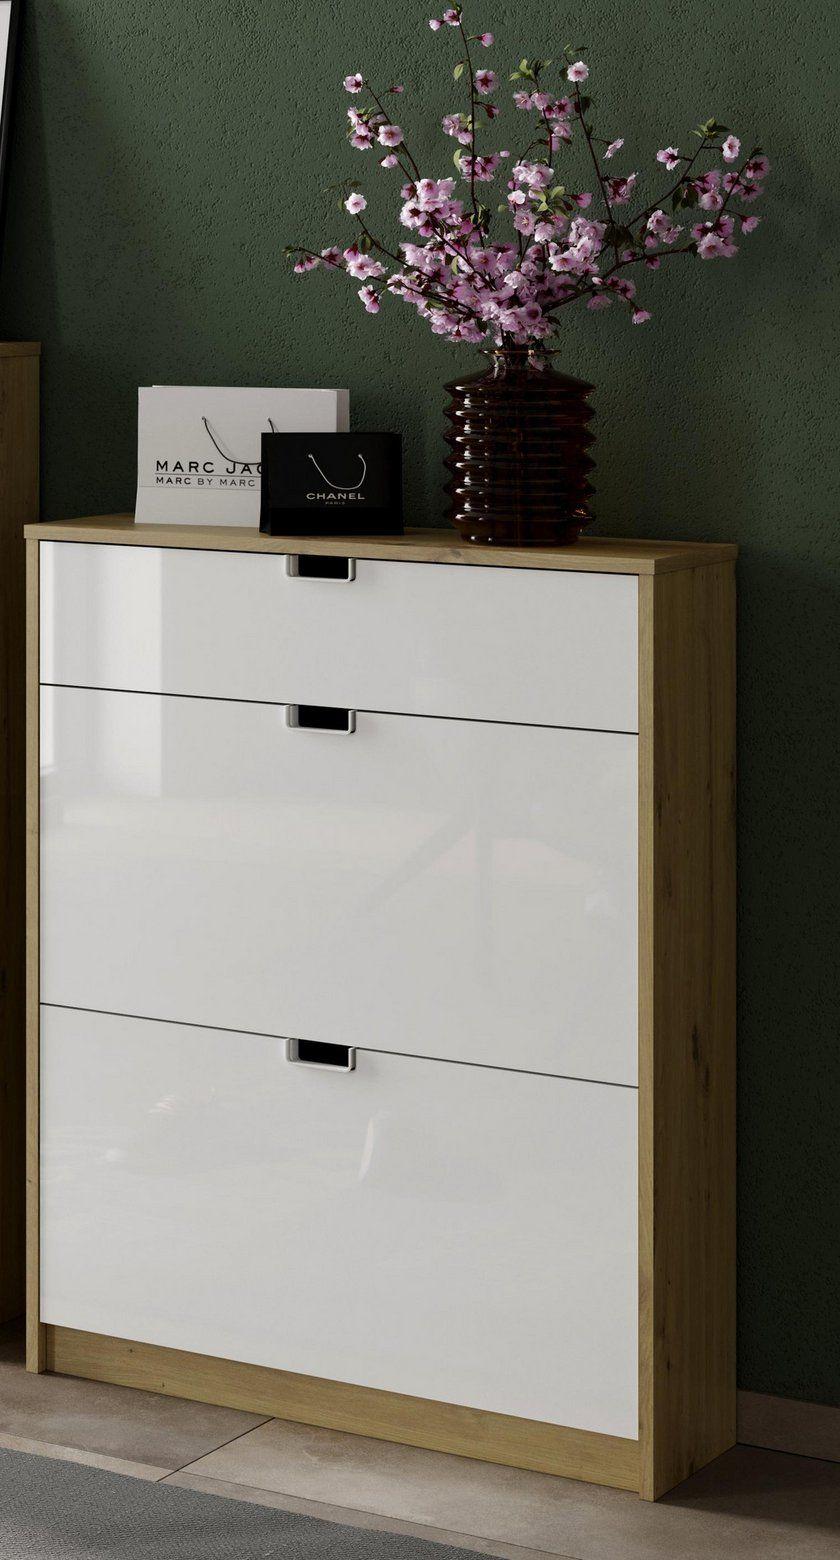 Schuhkipper In Weiß Eichenfarbe Online Bestellen Kipper Eiche Dekor